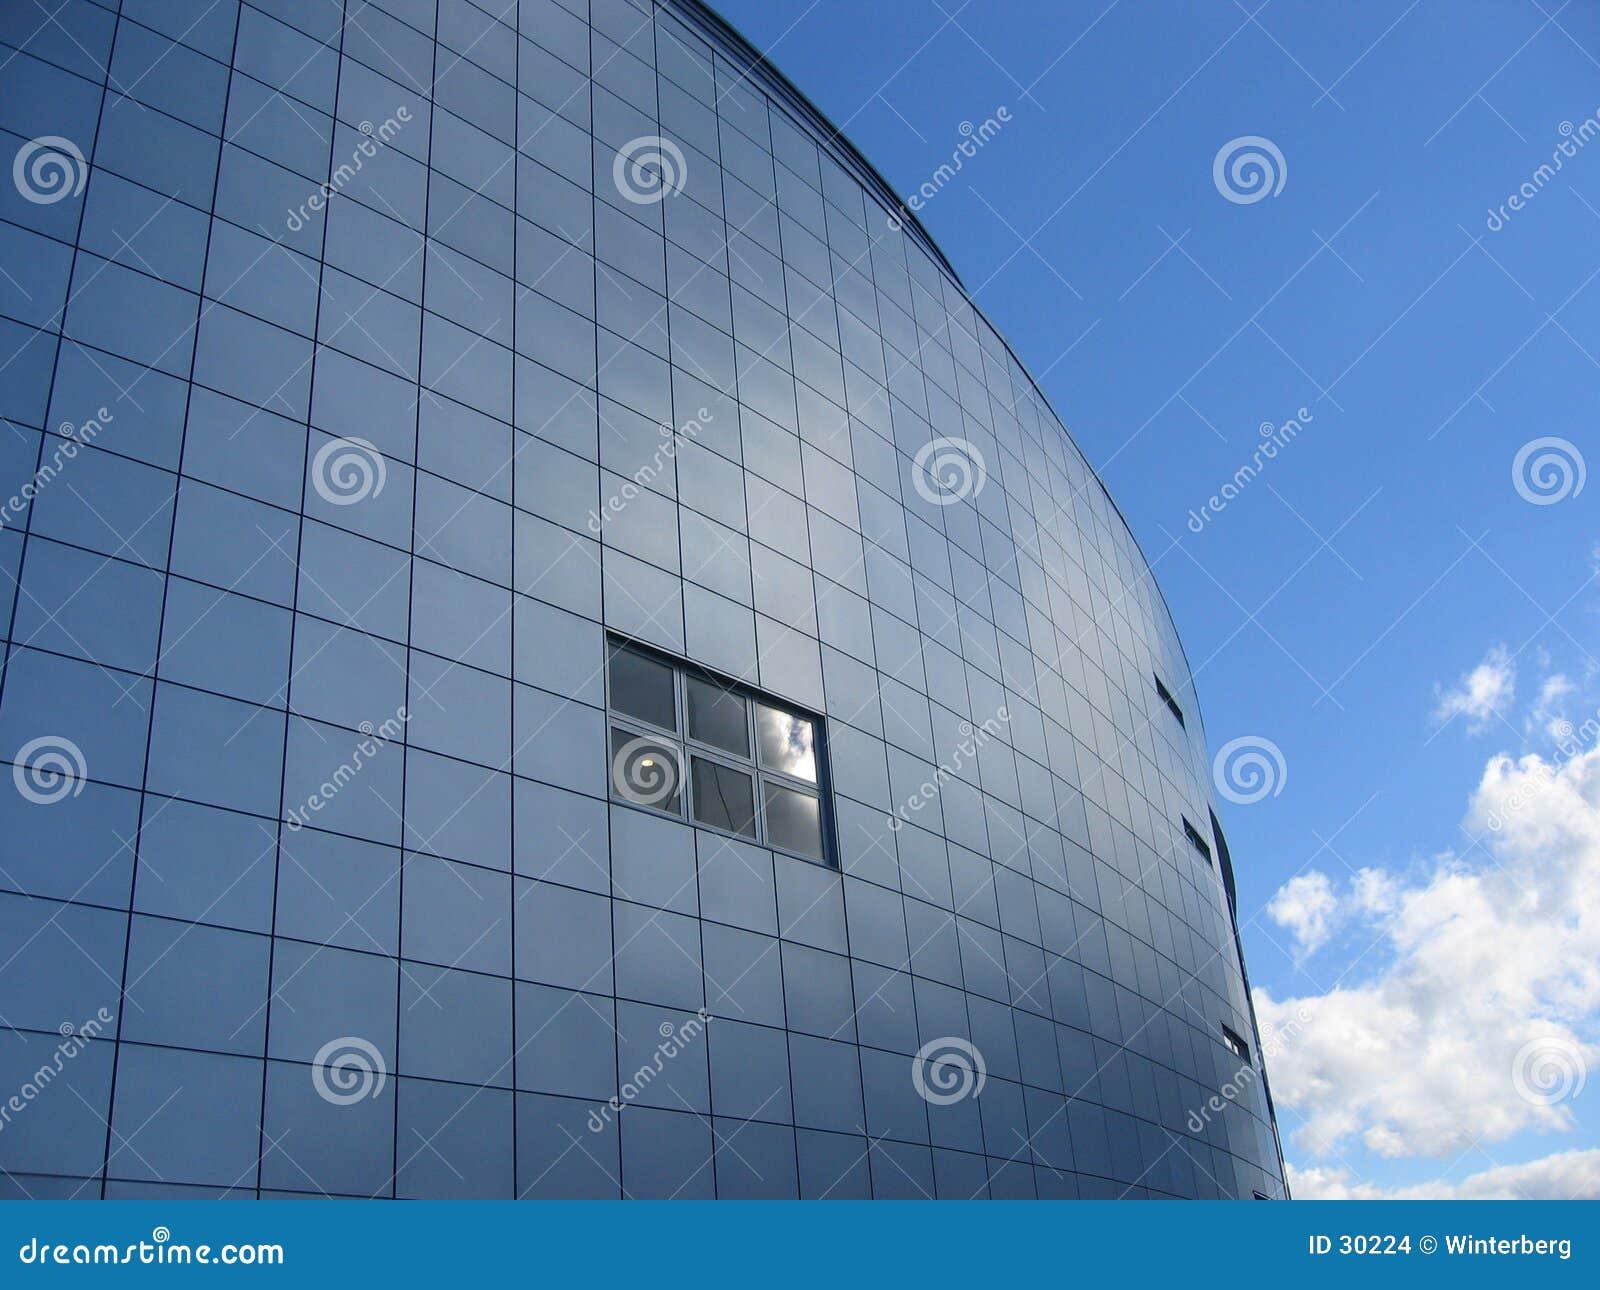 Download Pared azul foto de archivo. Imagen de cielo, azul, cielos - 30224